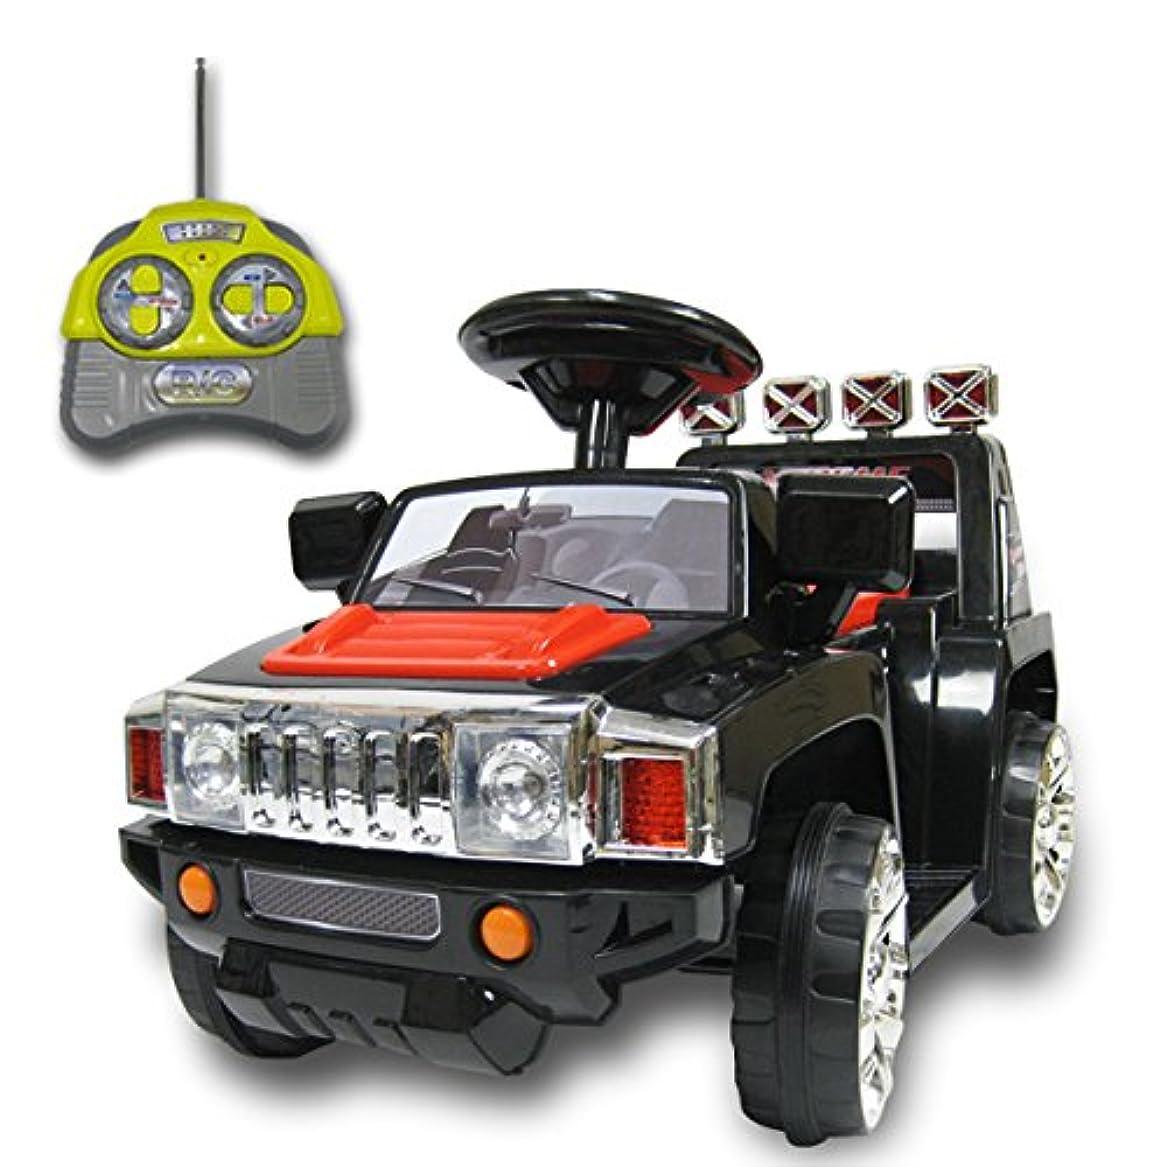 小数軌道ライター乗用ラジコンBENZ AMG GT-R [HL288] 抗菌ハンドル搭載 Wモーター&バッテリー6V4.5AH×2(電動乗用玩具?リモコン付)(01.ブラック)